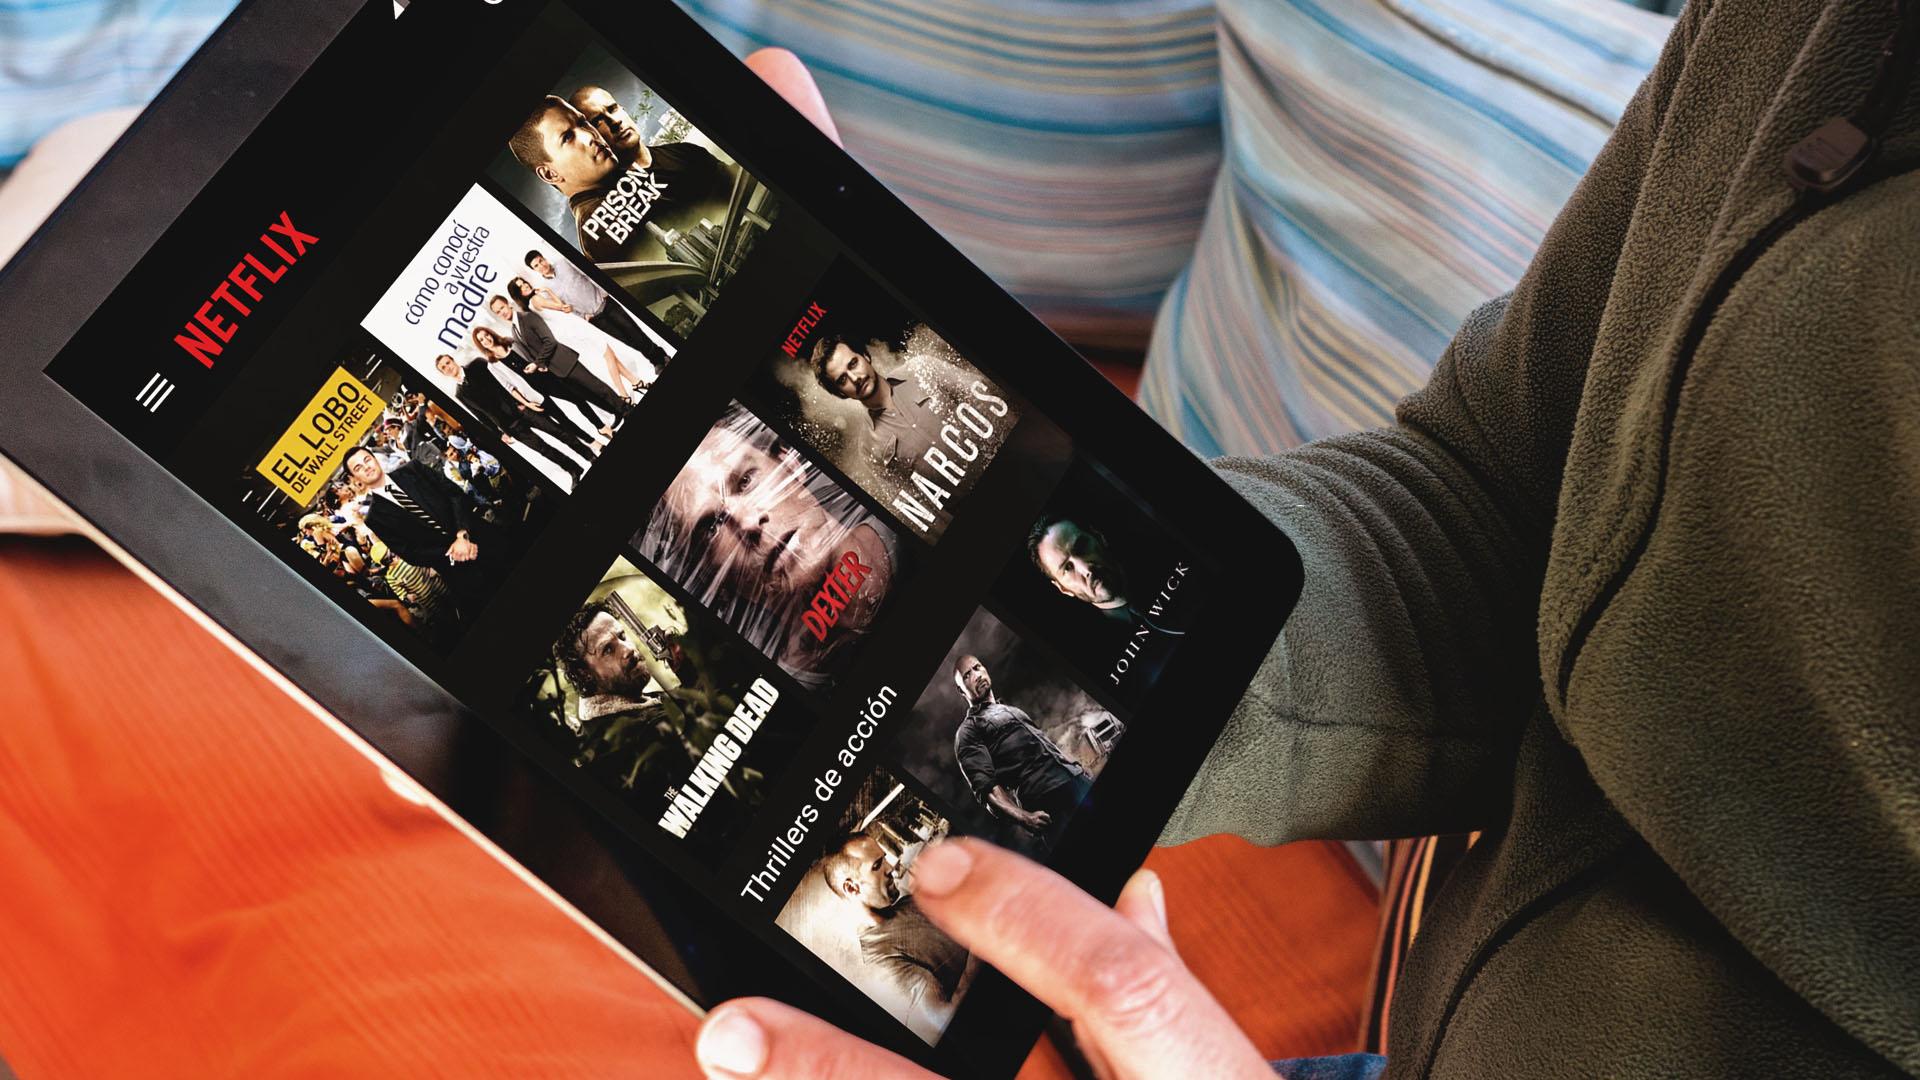 Netflix prevê para 2017 investimento de US$ 6 bilhões em conteúdo original